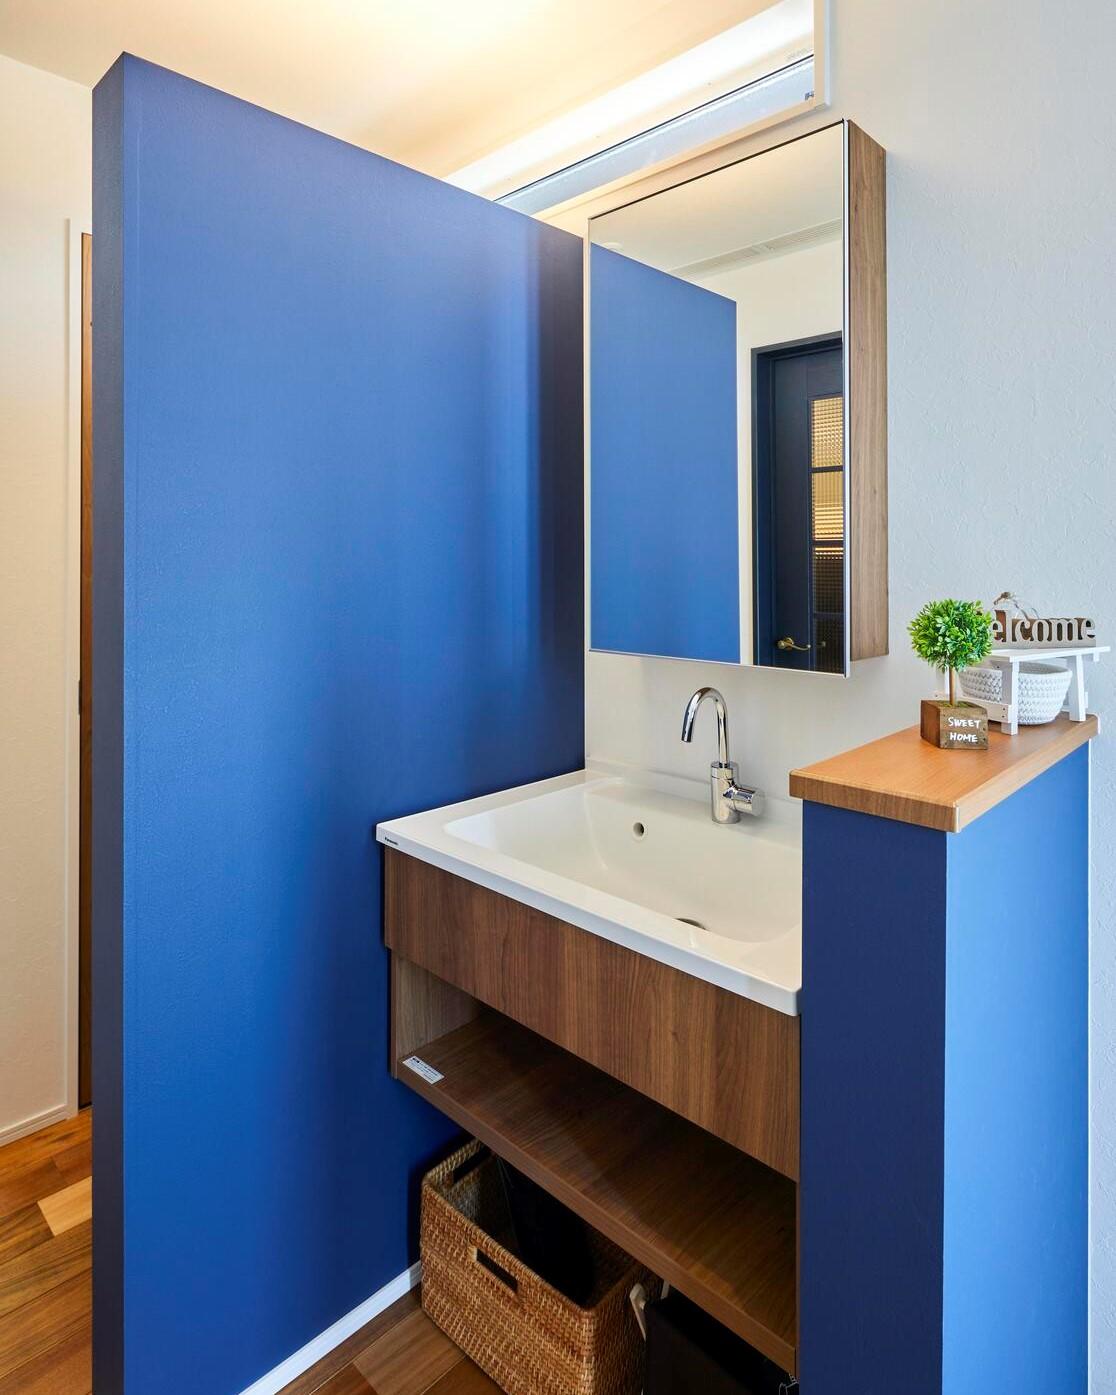 玄関には来客用の洗面台も完備。帰宅後にすぐ手洗いうがいでき、衛生的